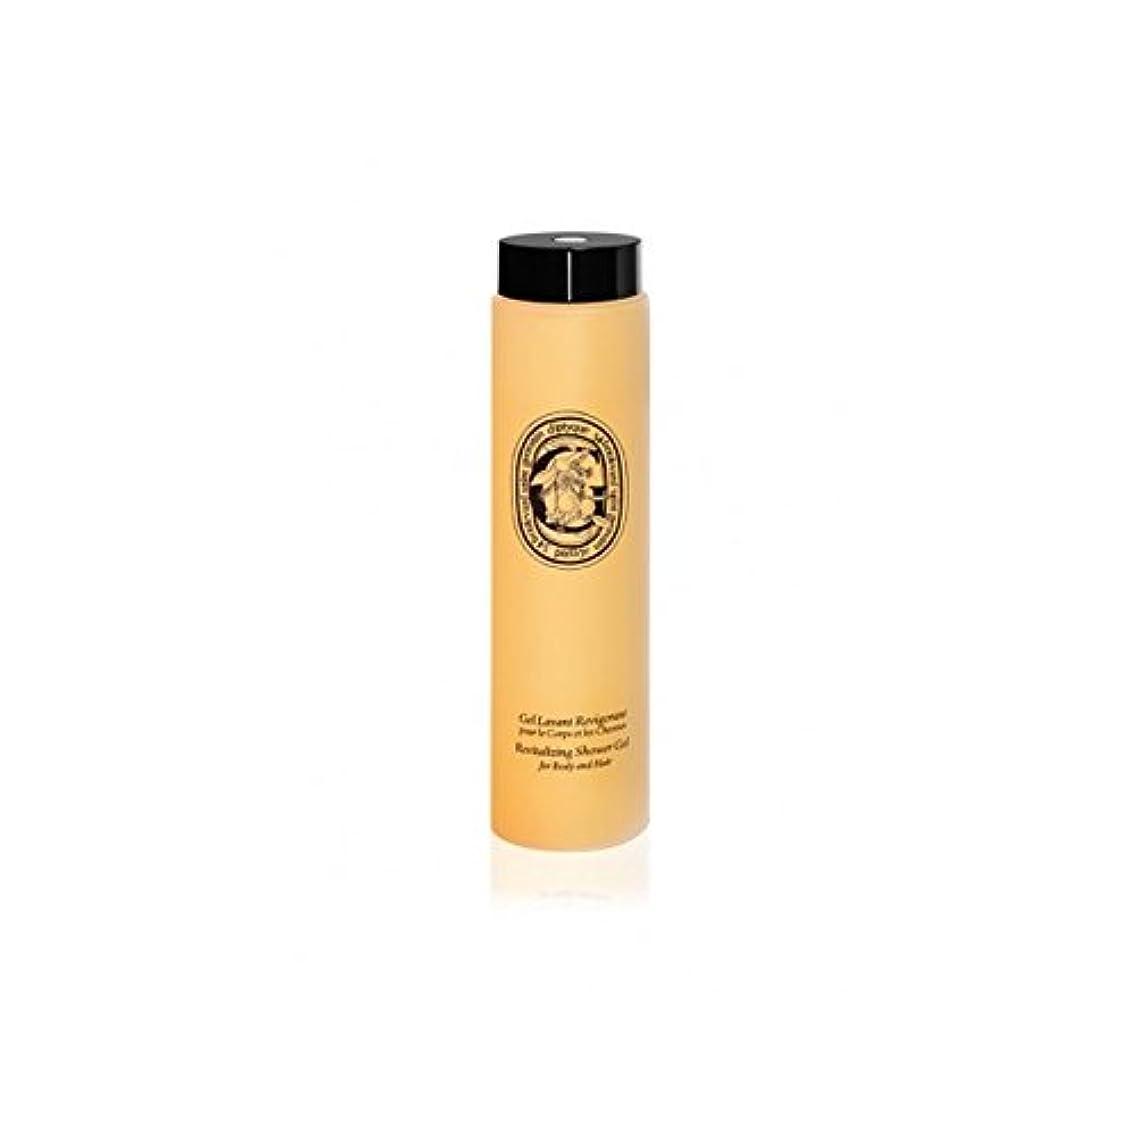 独占ワックス永久にボディ、ヘア200ミリリットルのためDiptyqueのリバイタライジングシャワージェル - Diptyque Revitalizing Shower Gel For Body And Hair 200ml (Diptyque) [並行輸入品]